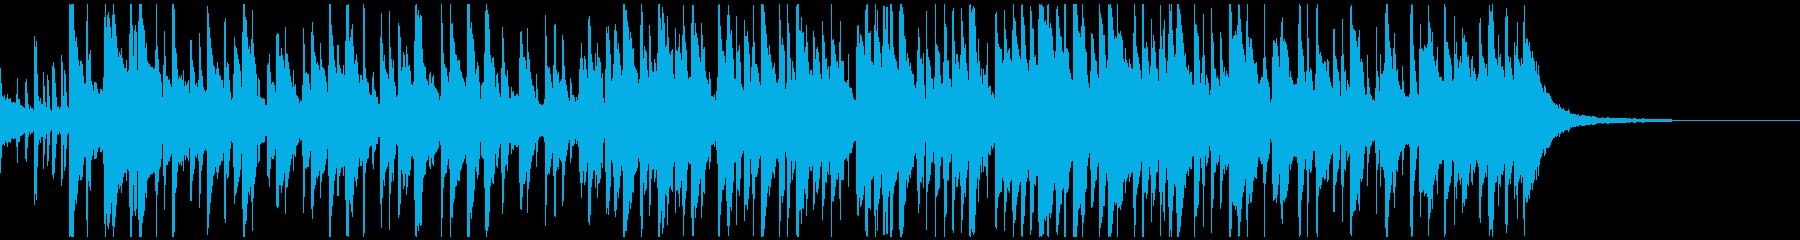 生演奏・クリスマス定番曲ボサノバアレンジの再生済みの波形